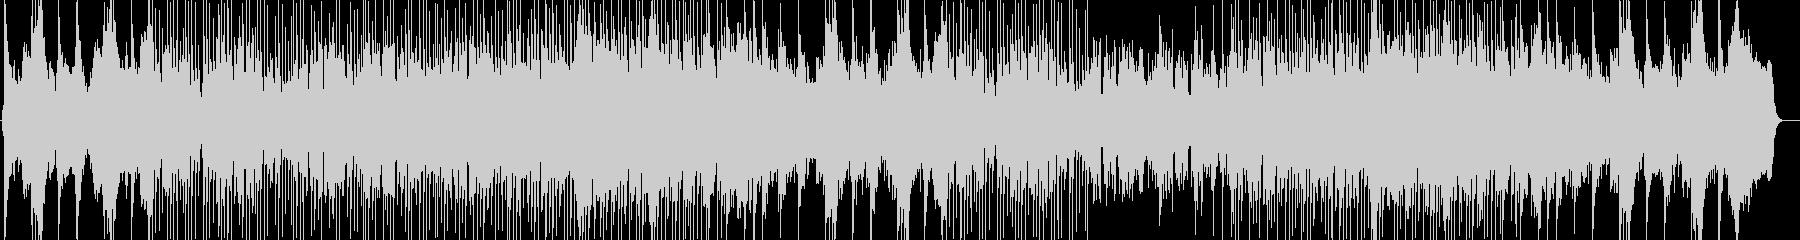 爽やかなシンセ・ピアノなどのサウンドの未再生の波形